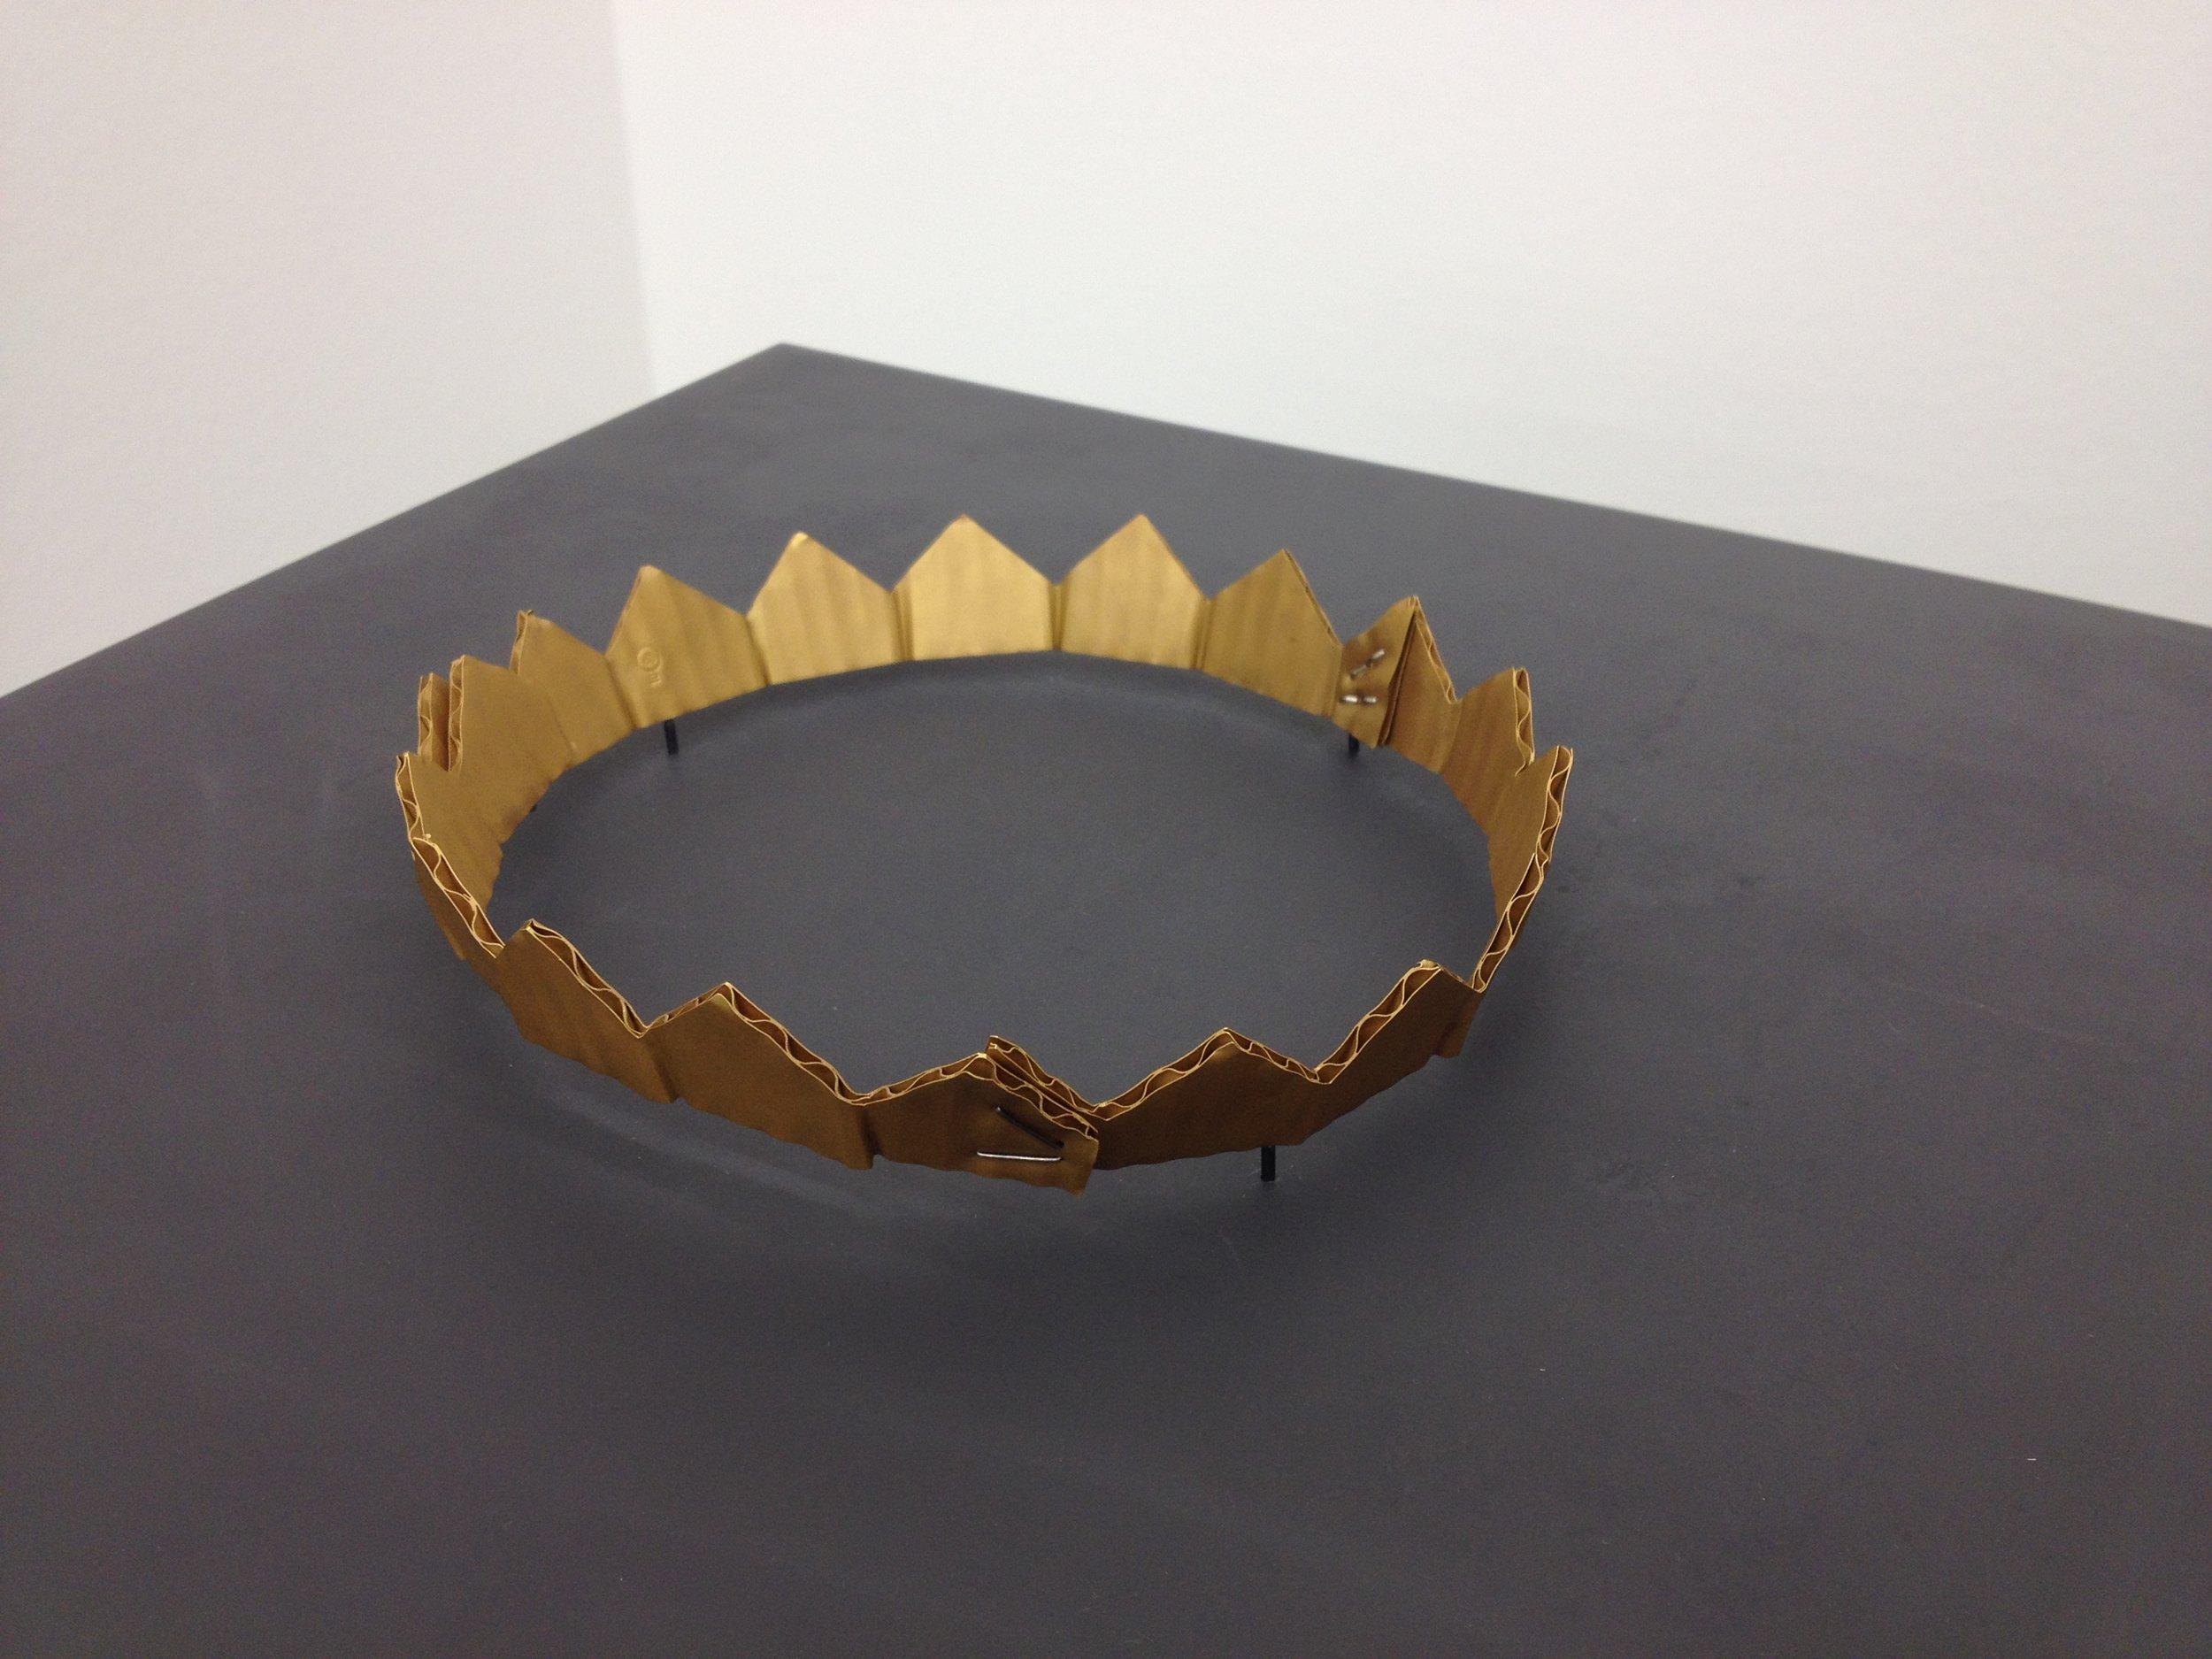 David Bielander at Galerie Wittenbrink, photo: OHMYBLUE